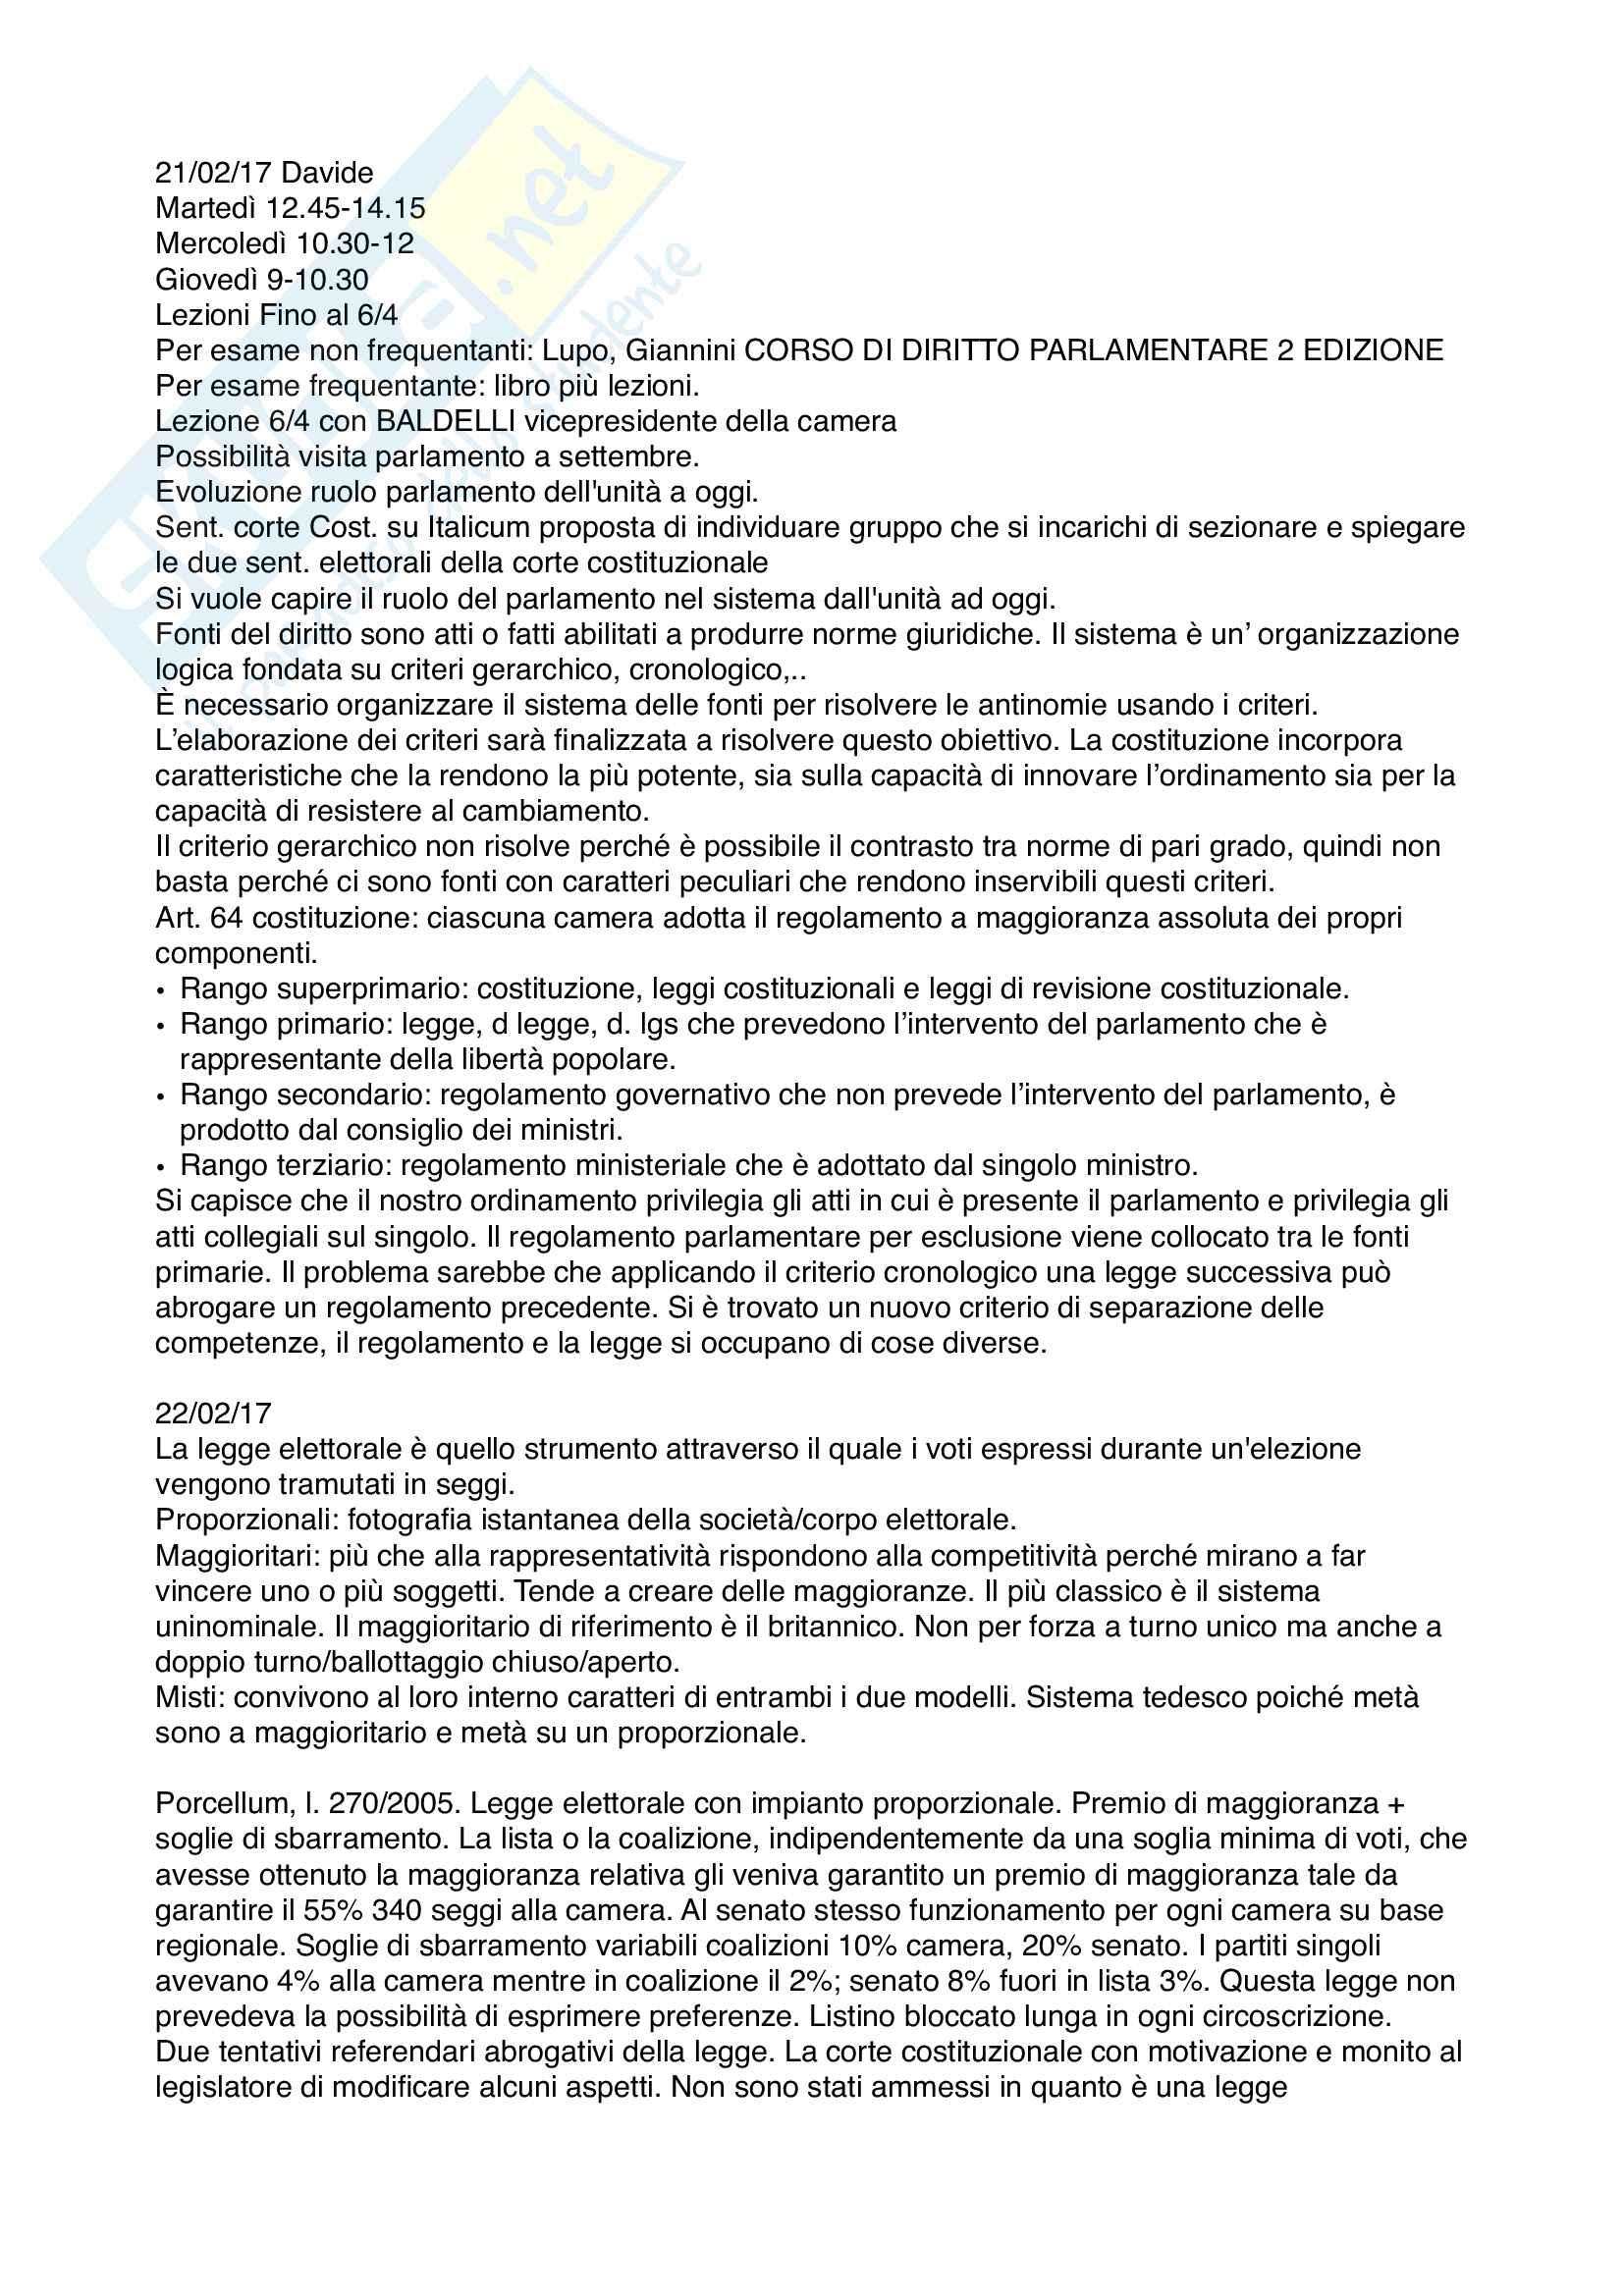 Diritto parlamentare